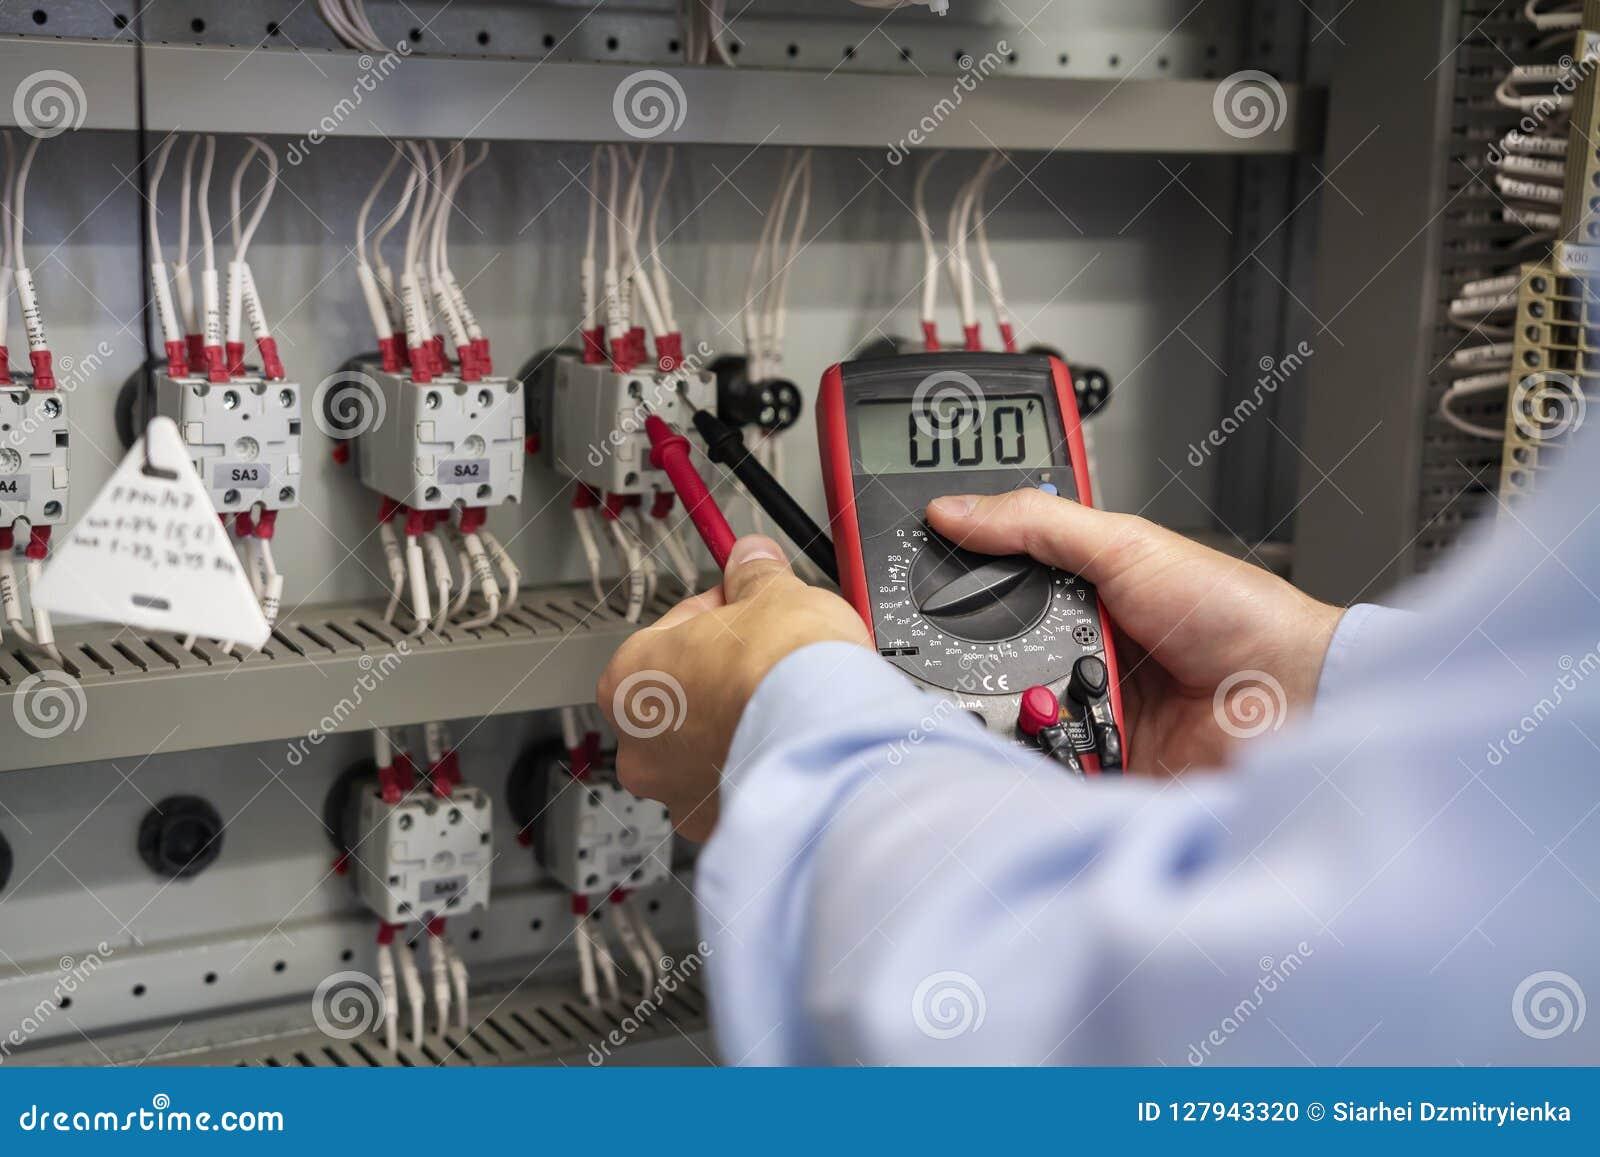 Vielfachmessgerät in den Händen der Elektrikernahaufnahme Halten Sie Arbeiten im elektrischen Kasten instand Wartung der elektris